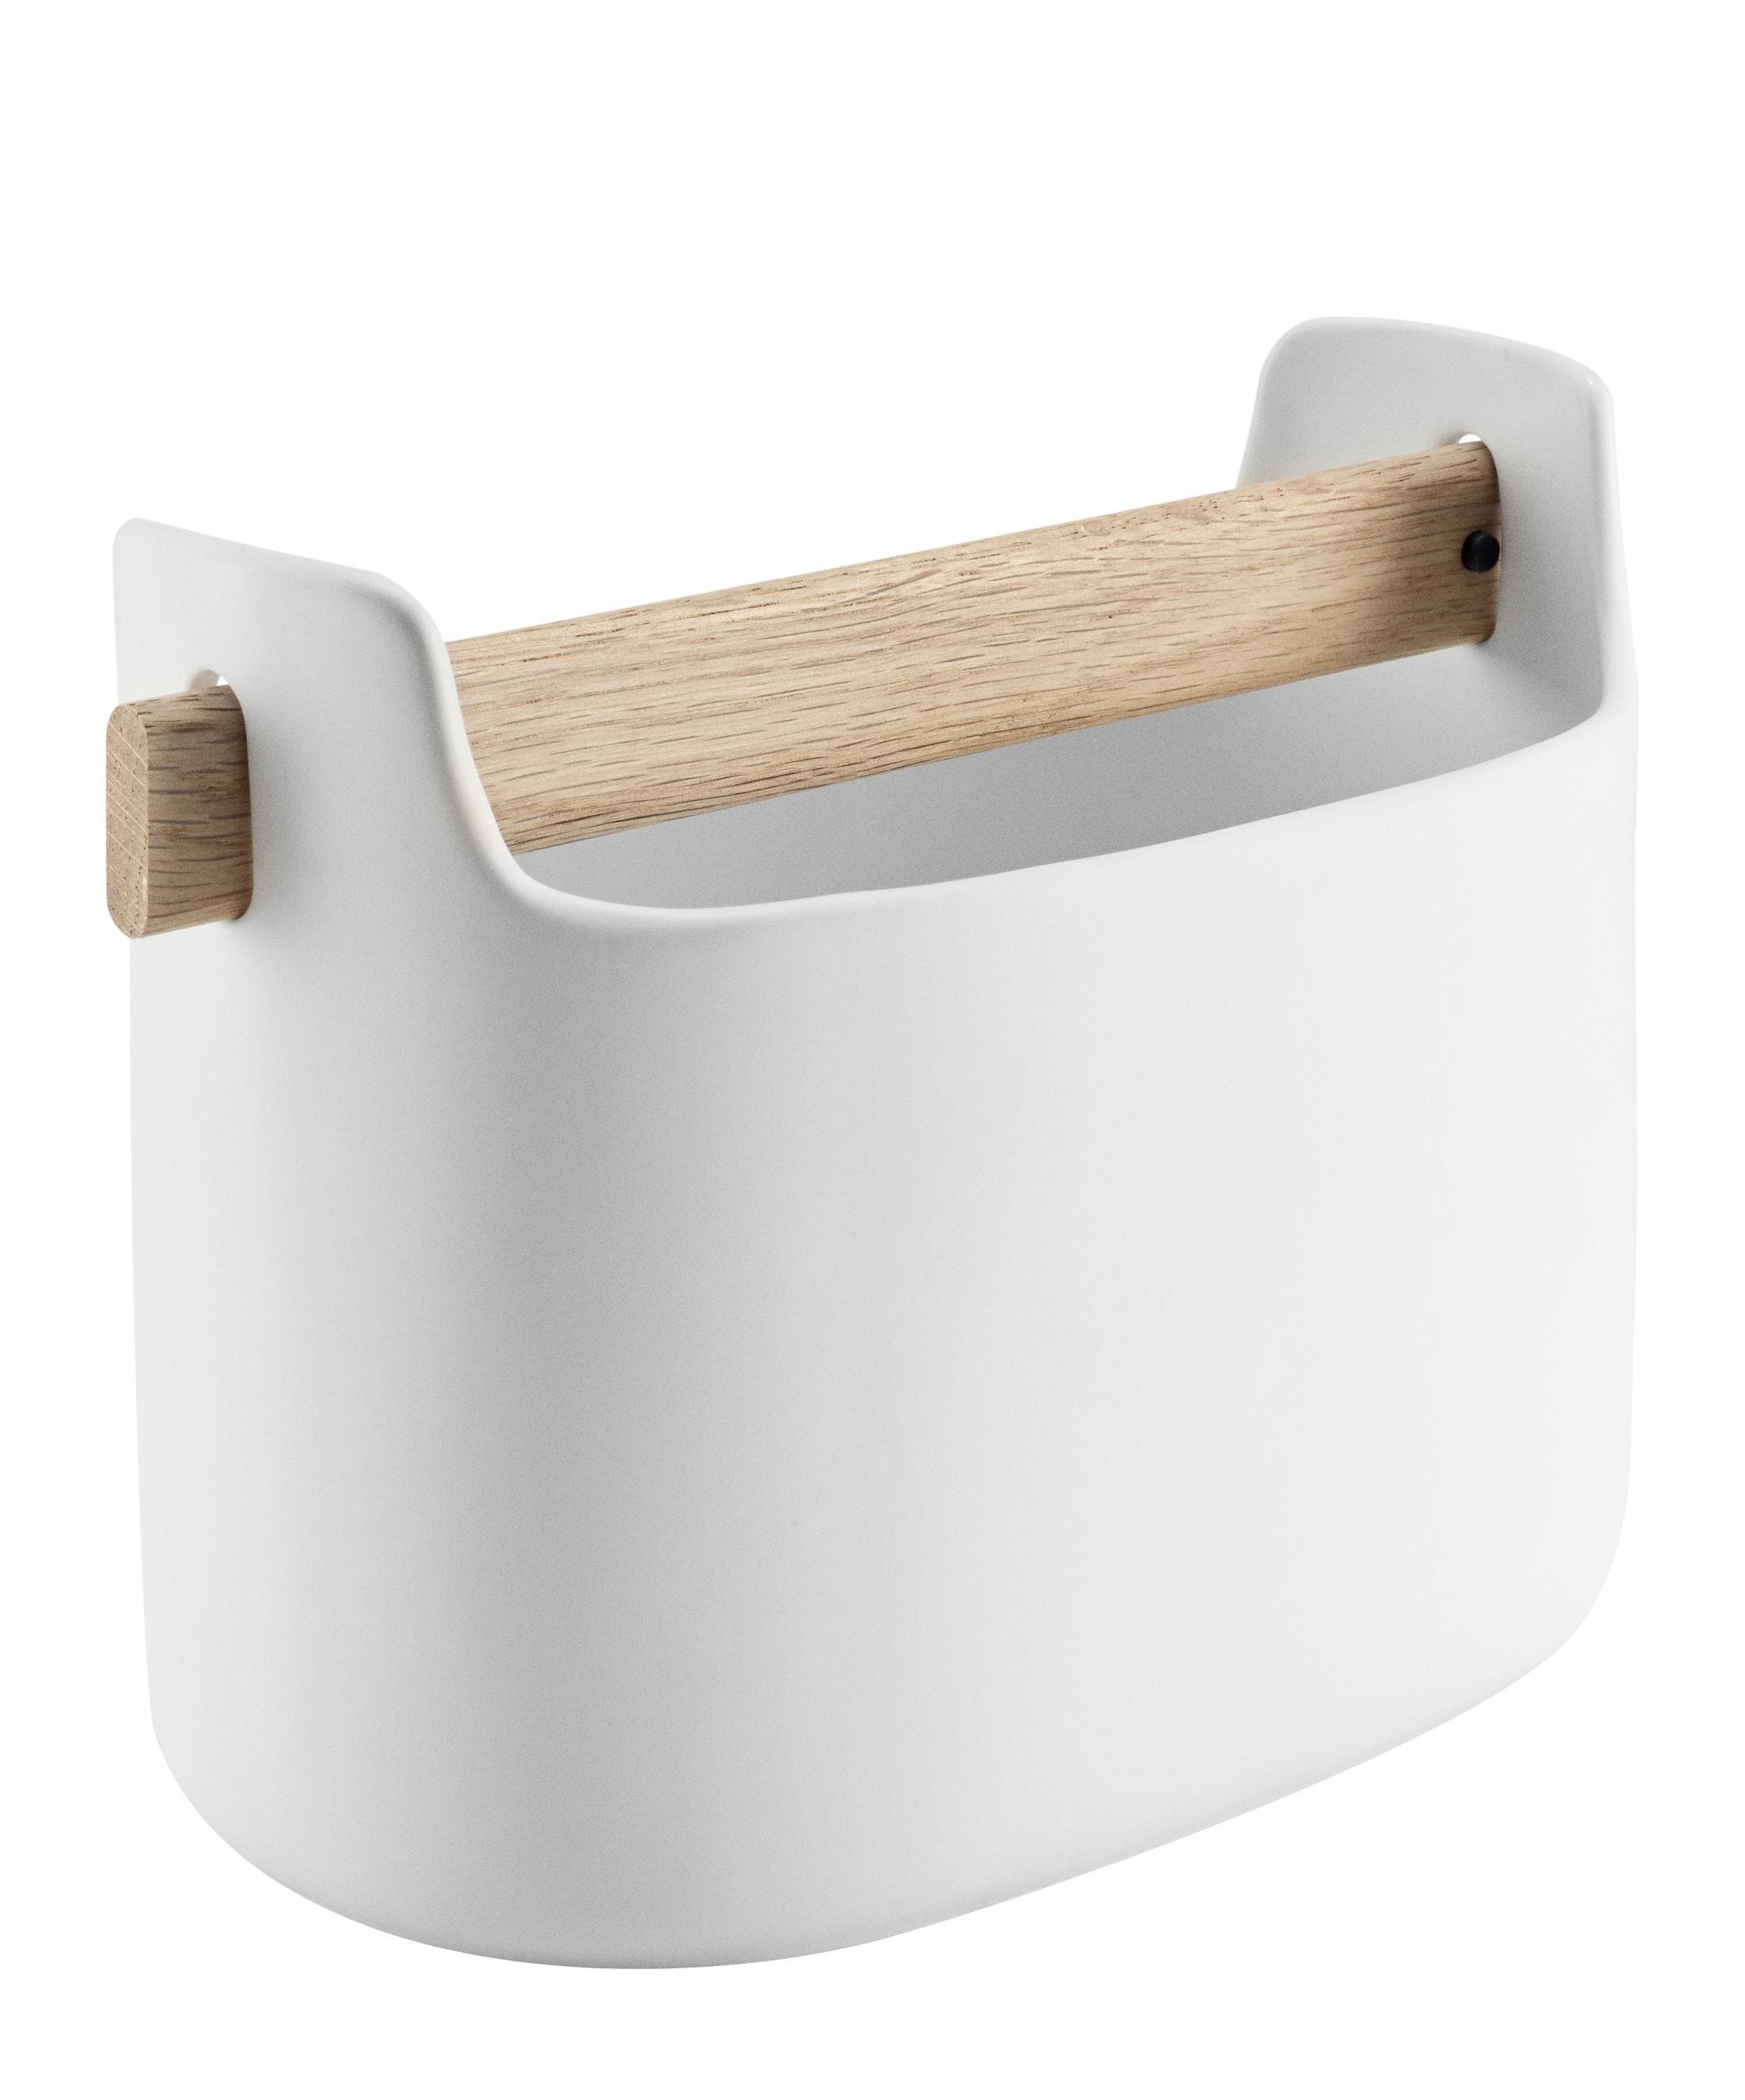 Accessoires - Accessoires bureau - Bac de rangement Toolbox / L 19 x H 15 cm - Céramique & chêne - Eva Solo - Blanc / Chêne - Céramique, Chêne